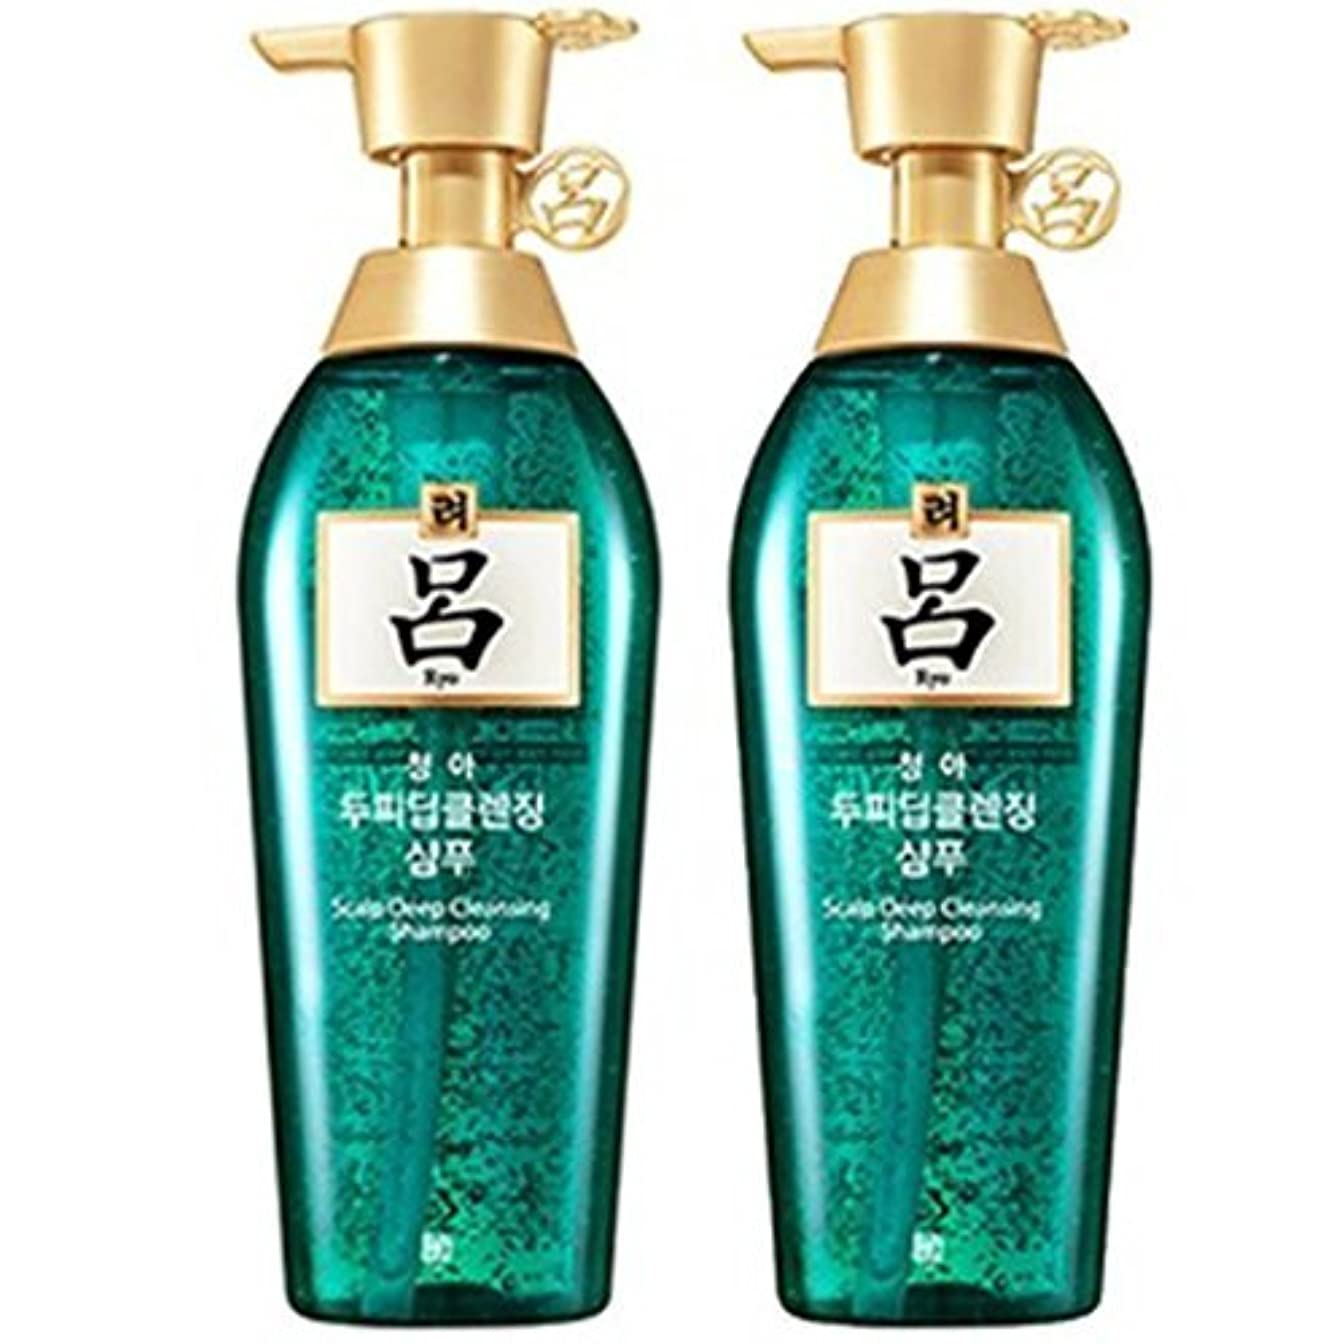 愛特別に風が強い[RYO/呂/リョ] 清雅頭皮 ディープ クレンジング 企画セット(シャンプー/400mlX2ea)/Cheong ah Scalp Deep Cleansing Shampoo